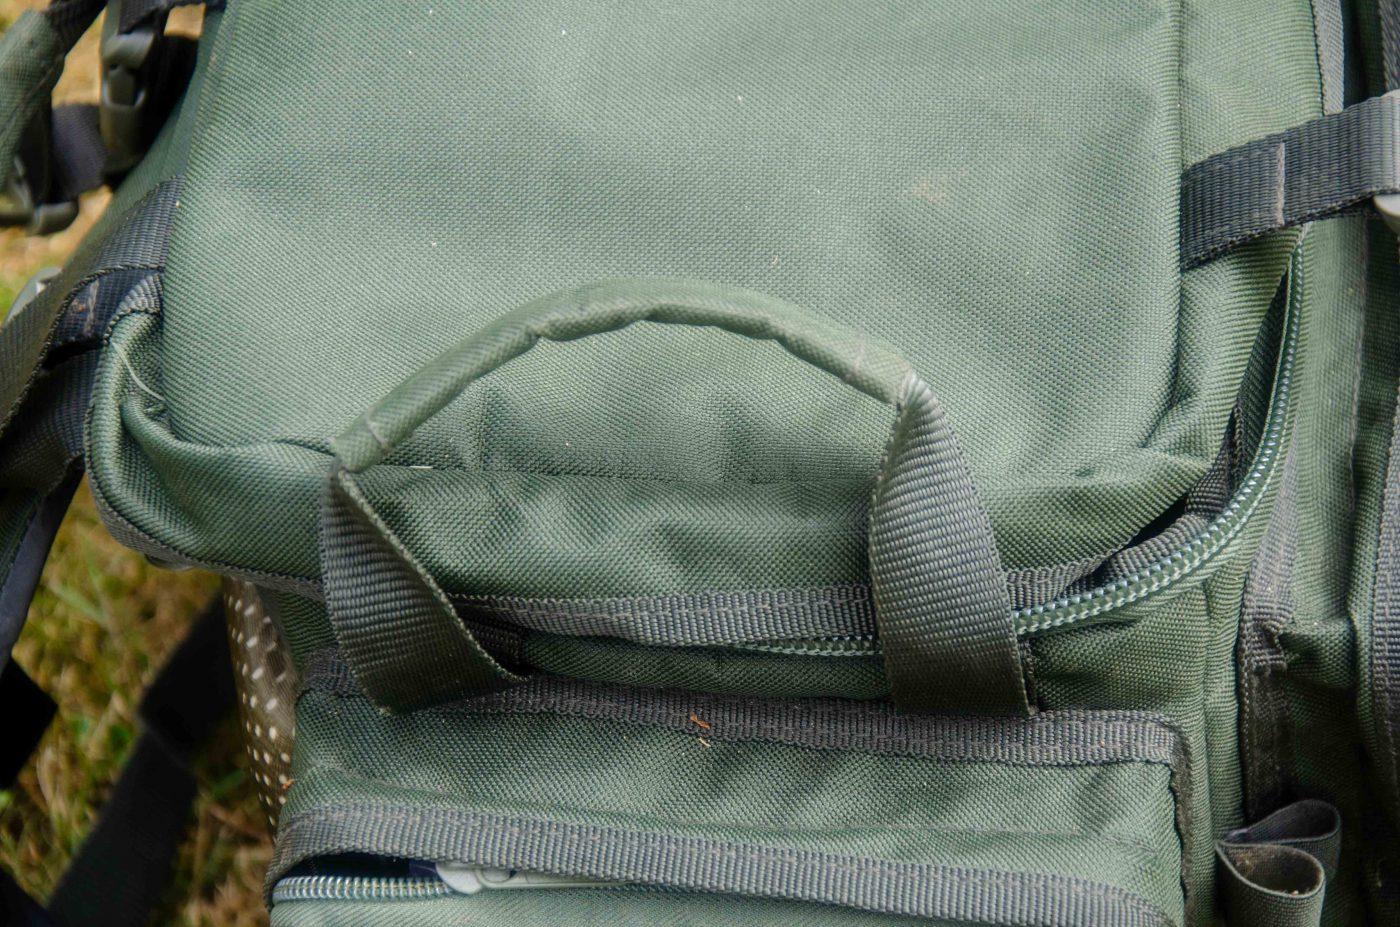 Ett bärhandtag på vardera sida av väskan, så det är enkelt att bära och flytta på den utan att behöva hålla i axelbanden.